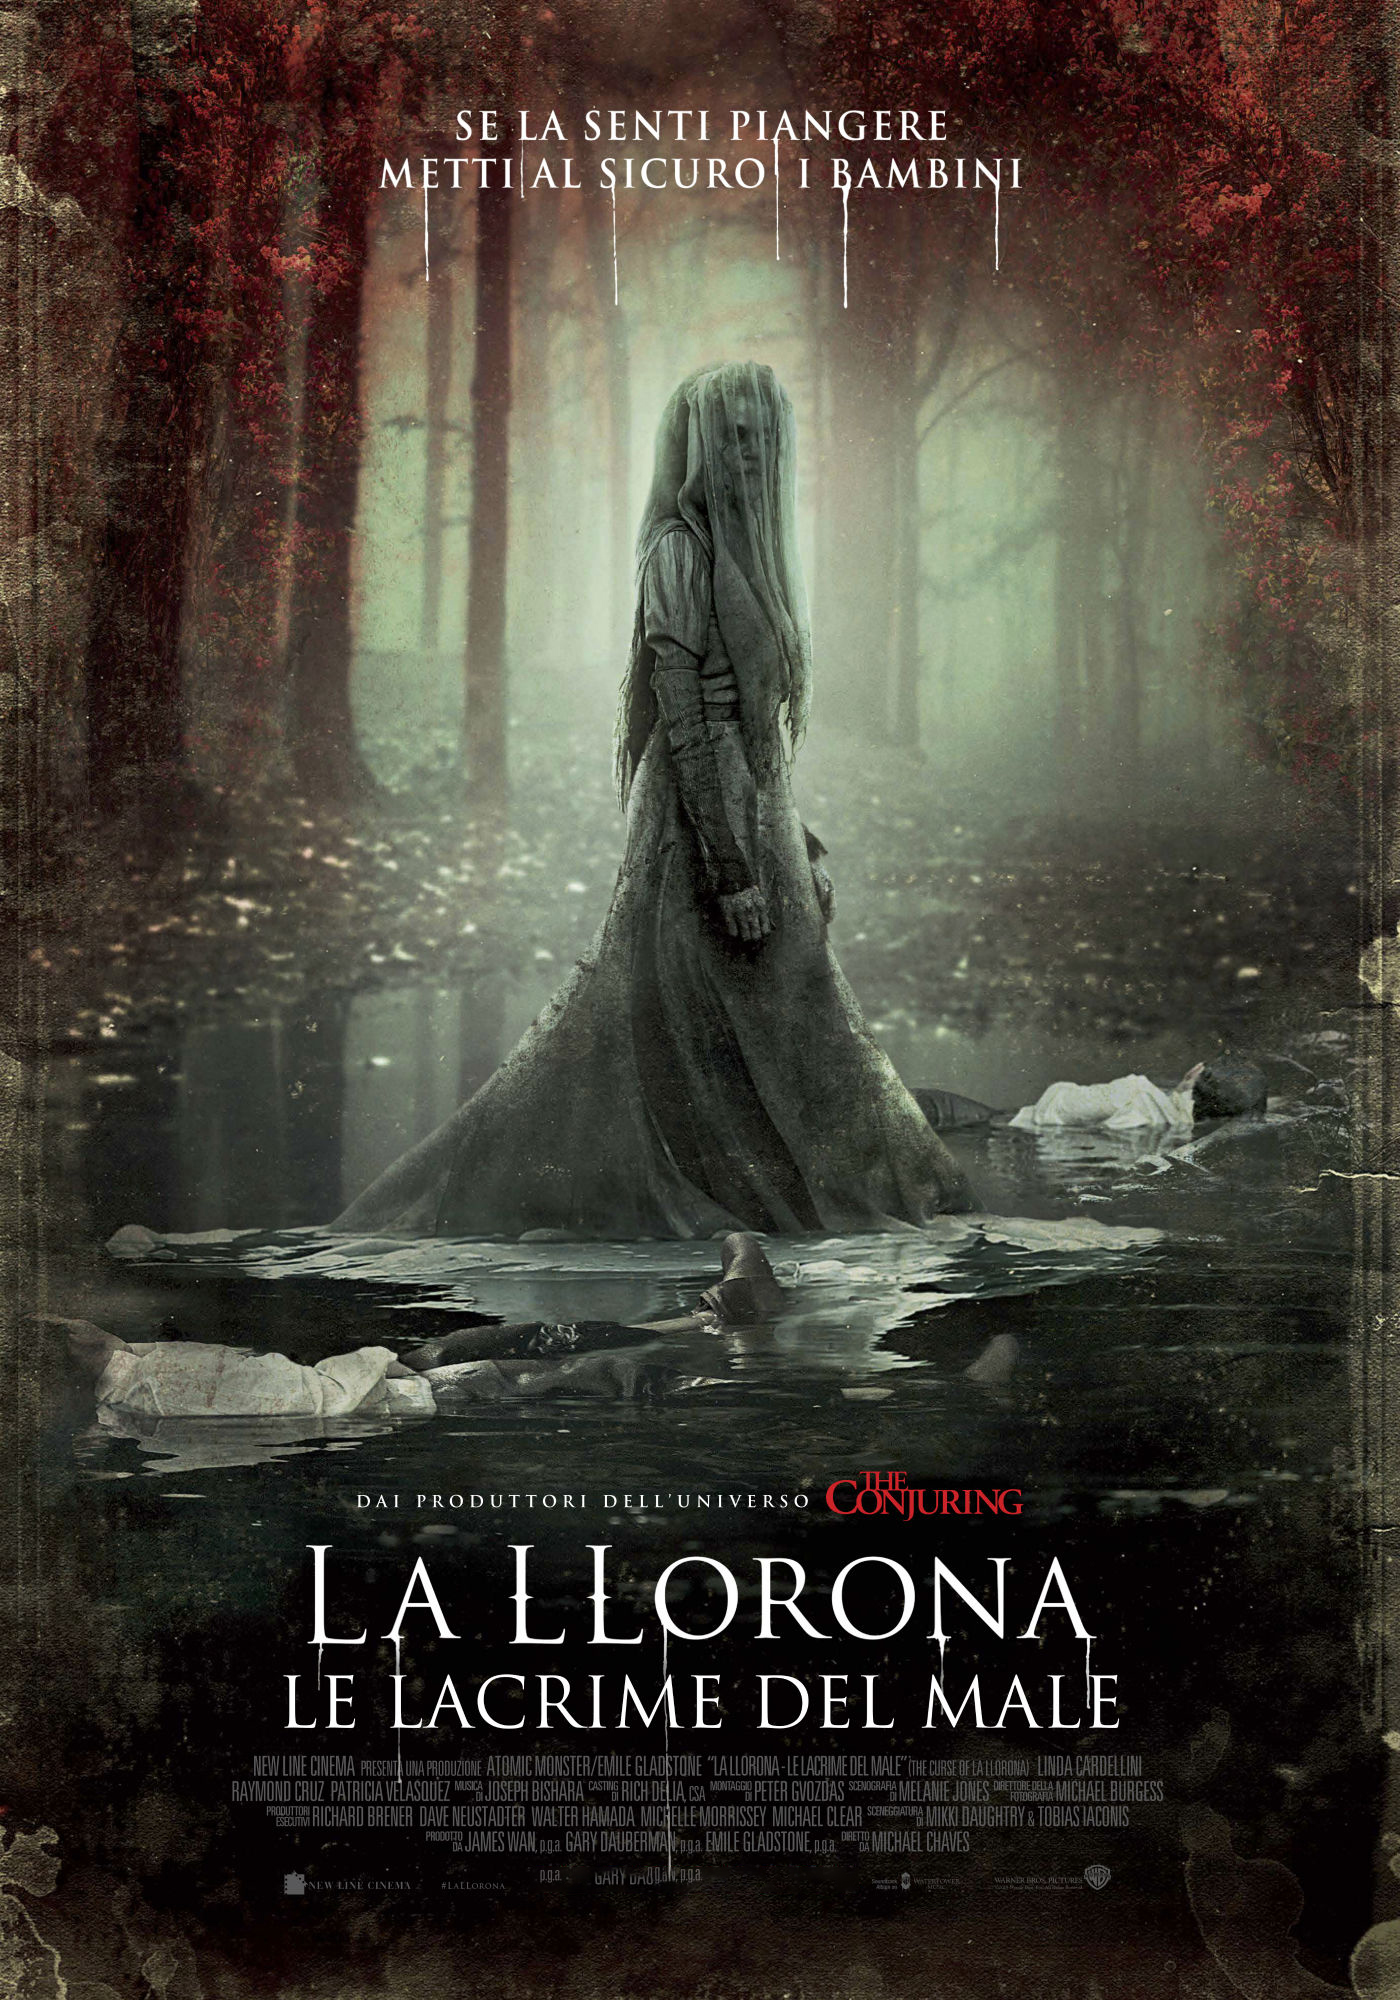 Llorona (La) - Le Lacrime Del Male